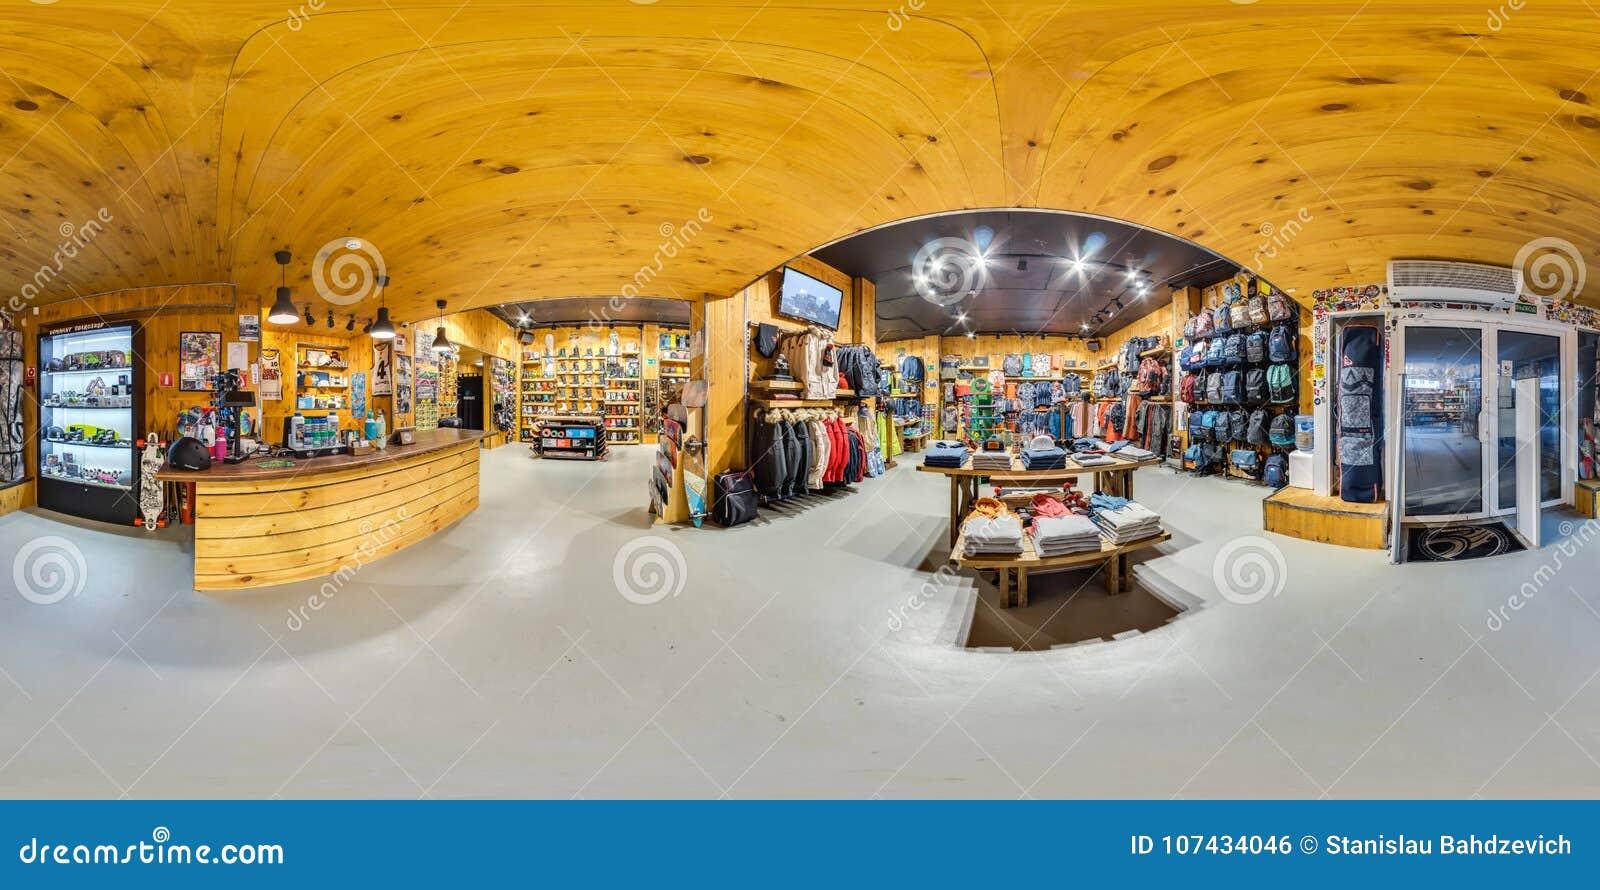 Товары магазина МОСКВЫ РОССИИ 21-ое декабря 2017 спортивные для активных и весьма спорт Сноуборды, лыжи, велосипеды, панорама 360